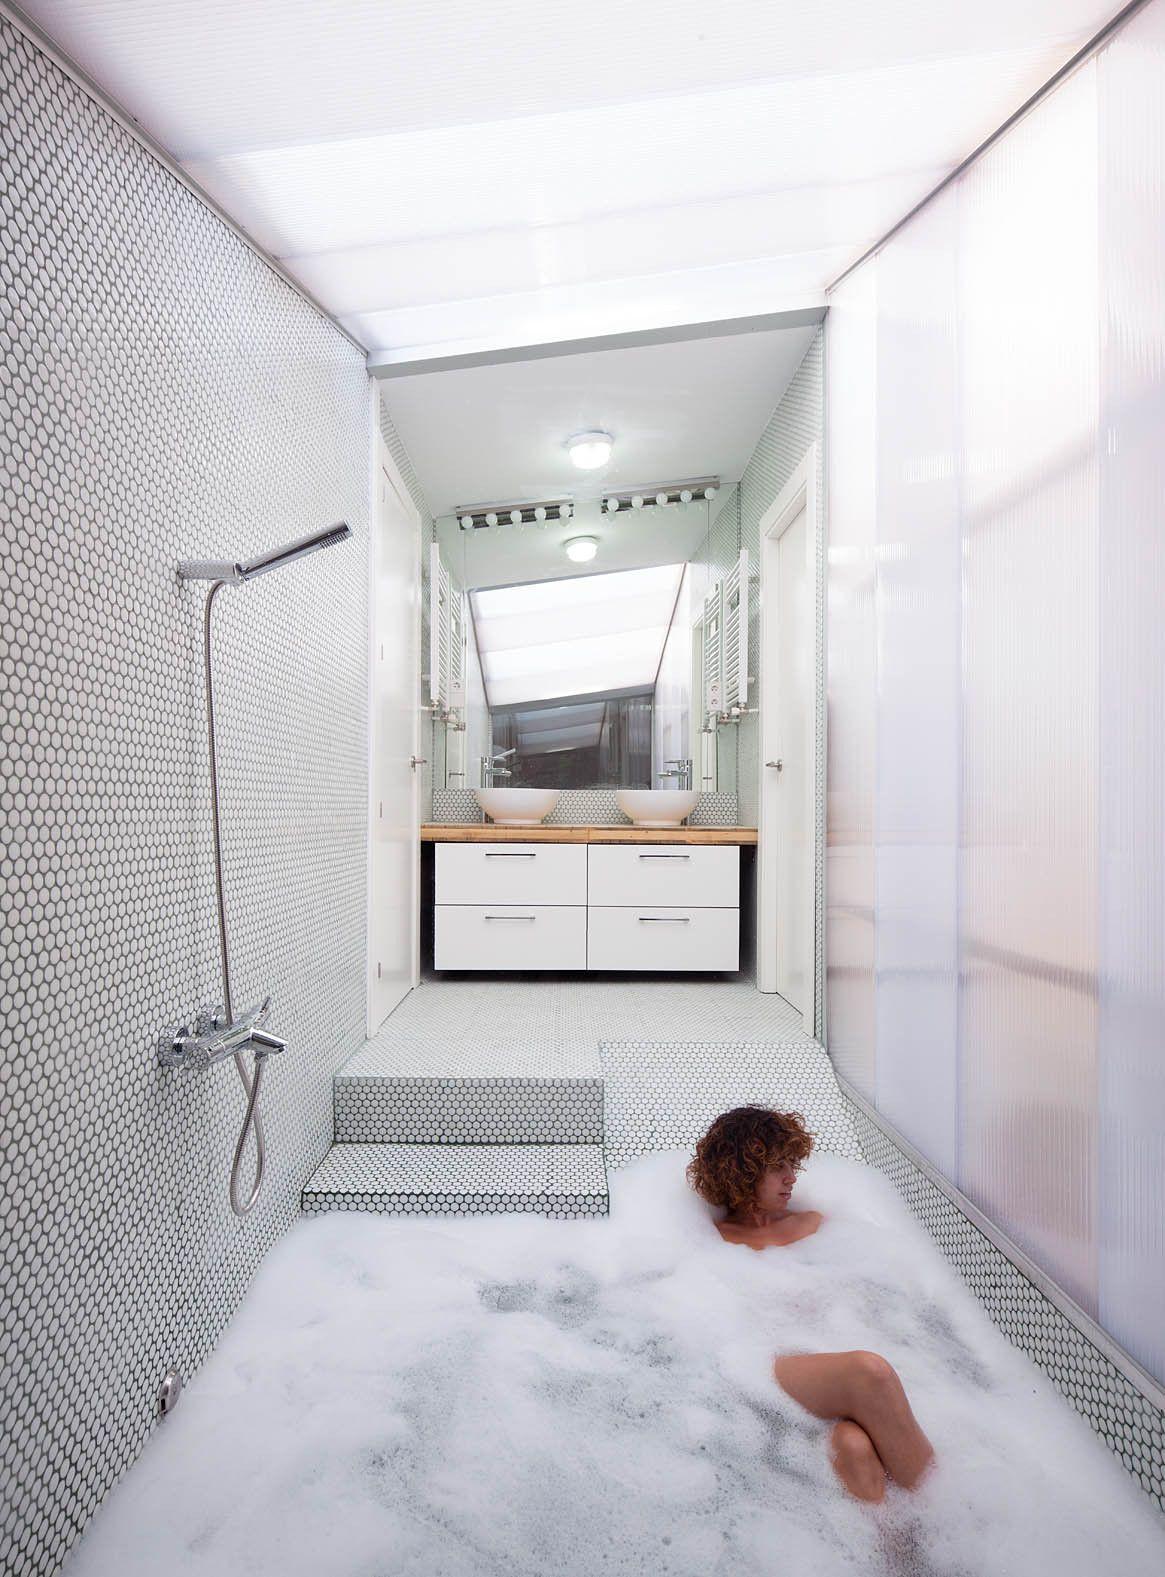 #Badezimmer Designs 26 Spa Inspirierte Badezimmer Dekorationsideen #Best  #Designs #Badezimmerzubehör #